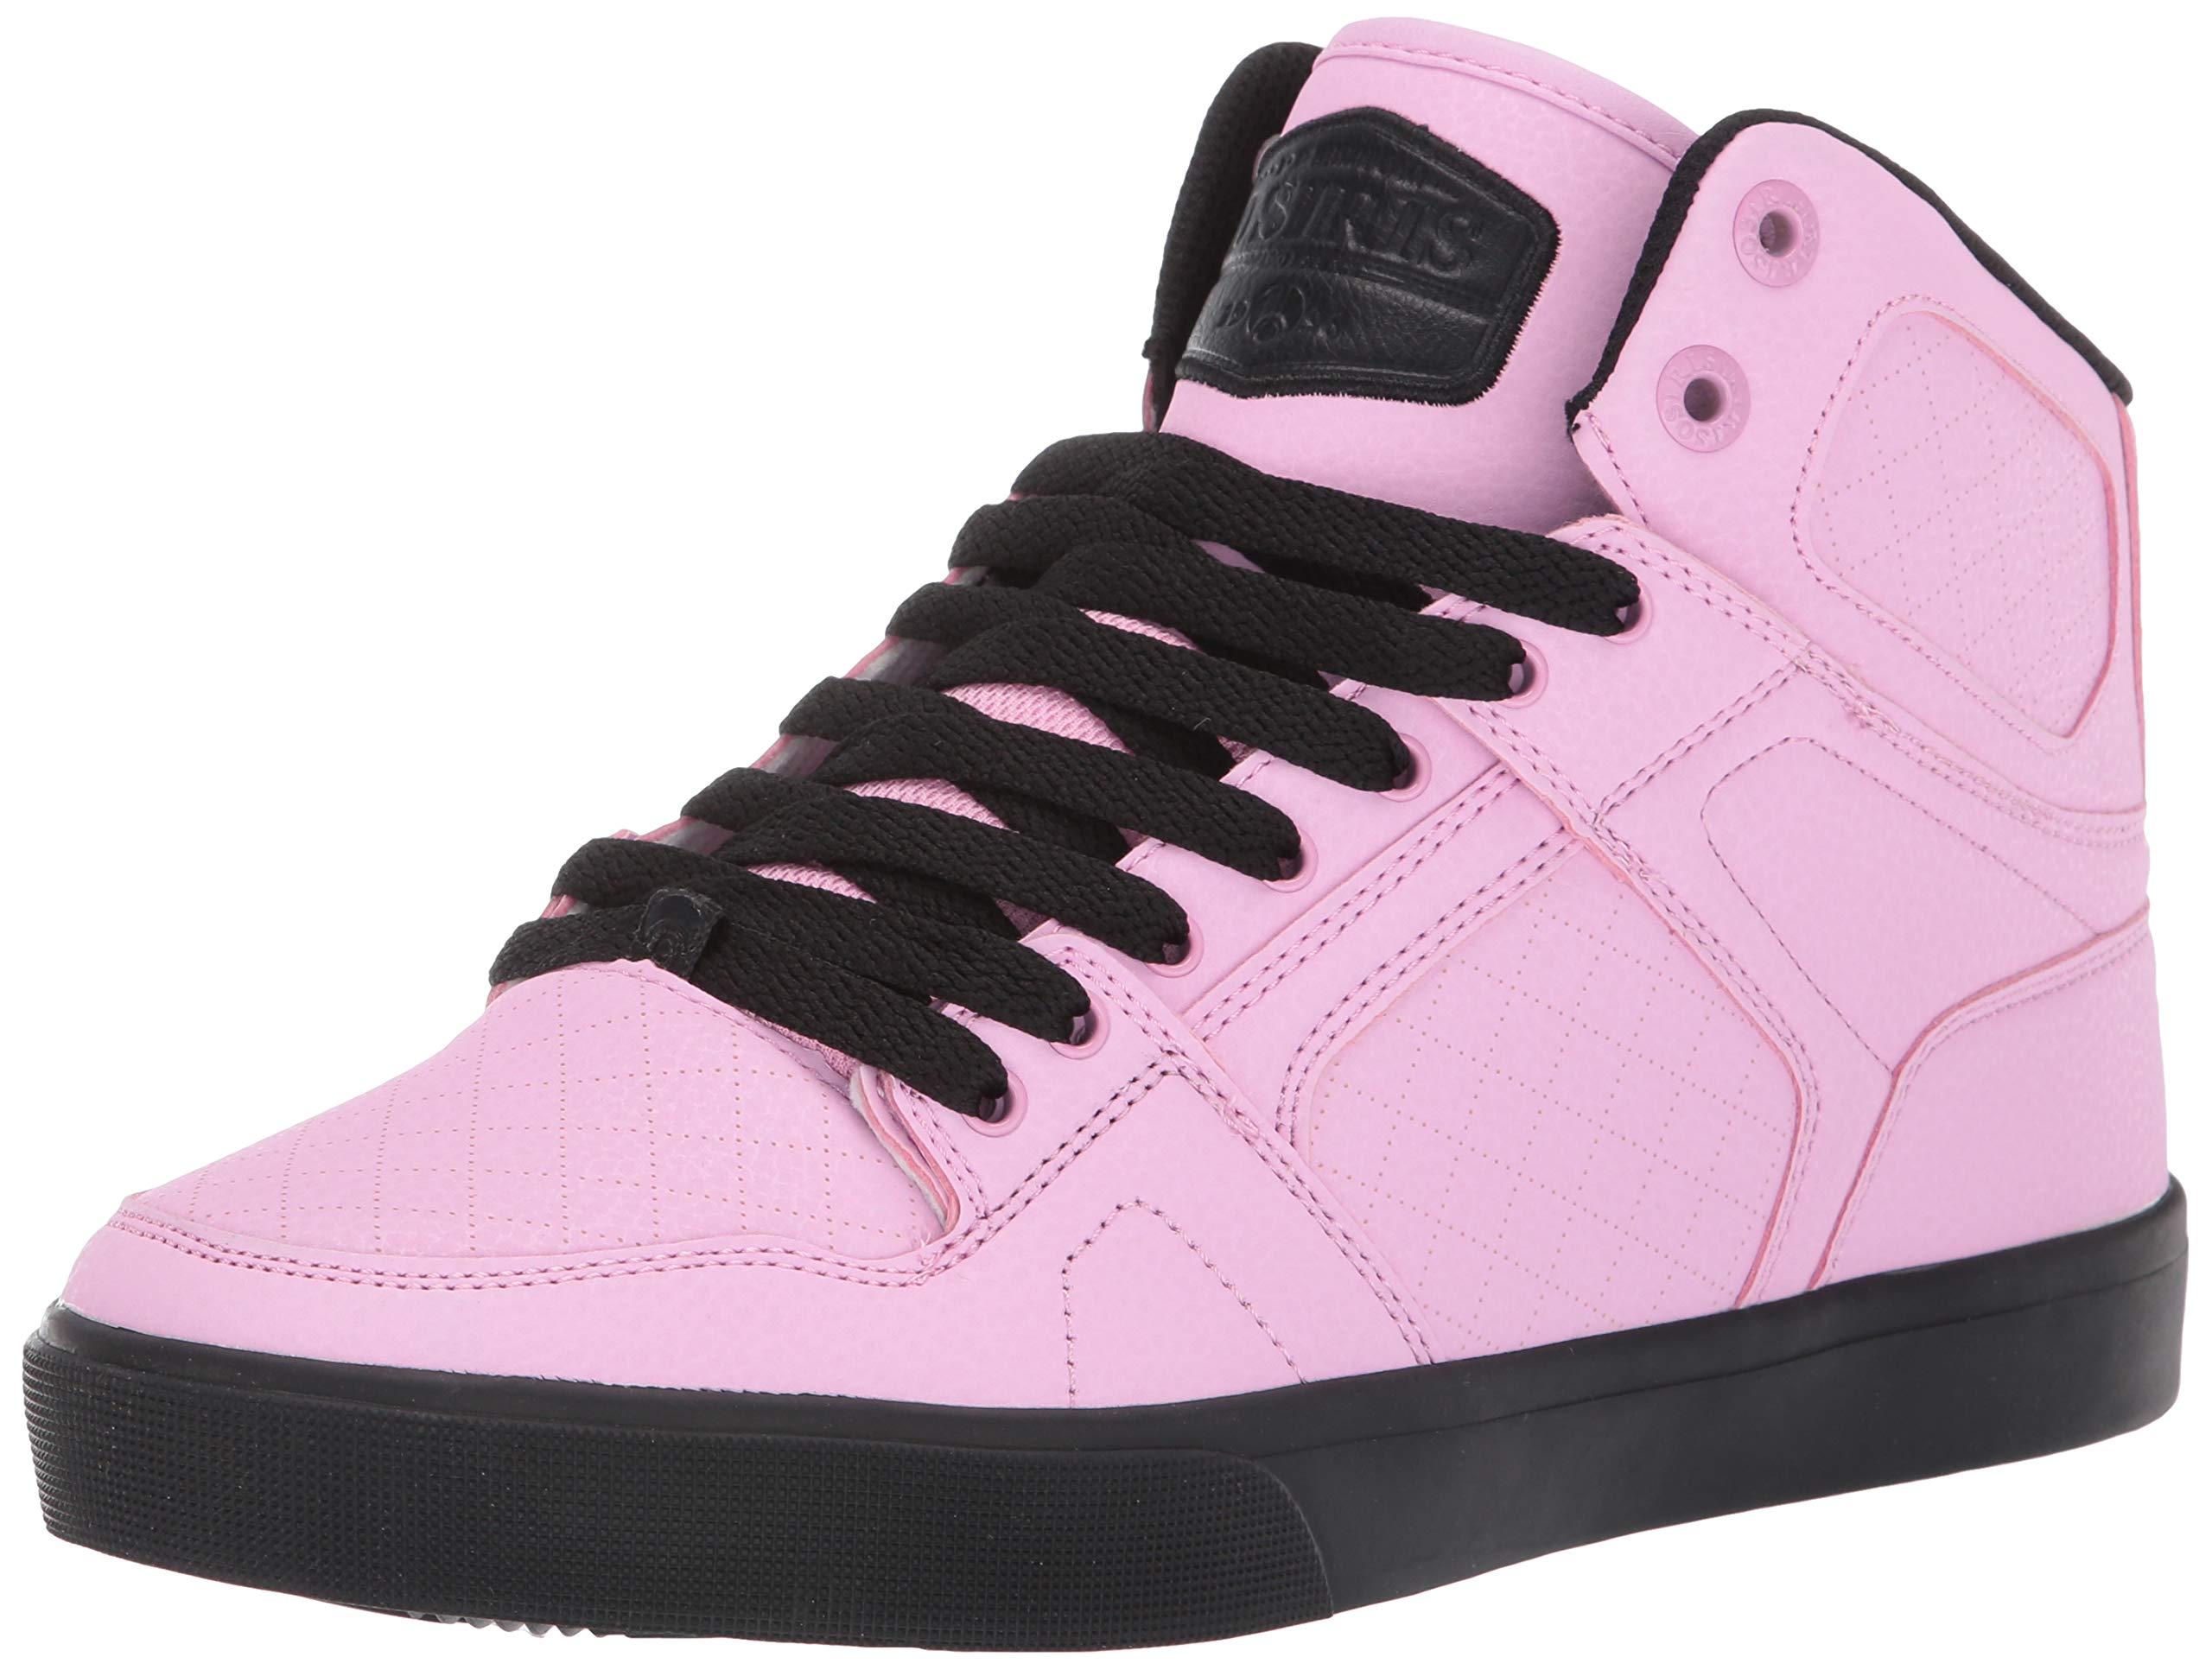 Osiris Mens Shoe Pink Black